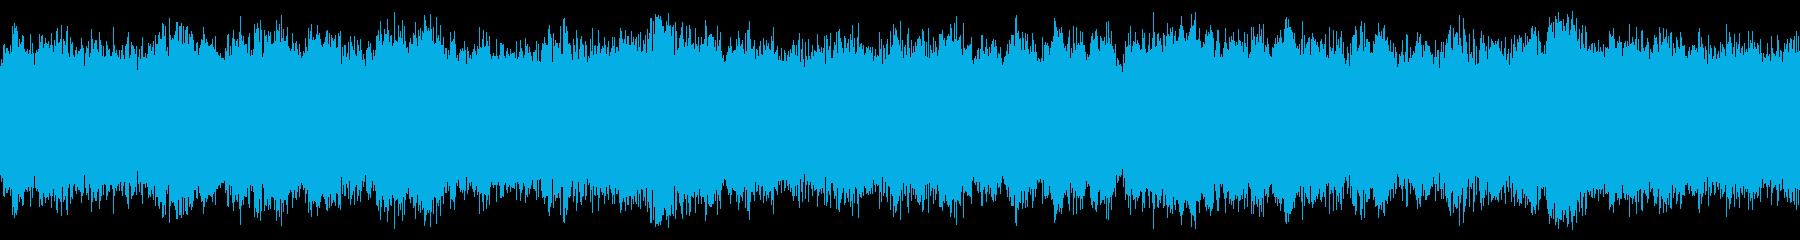 コーラス感の強い浮遊感のあるアンビエントの再生済みの波形